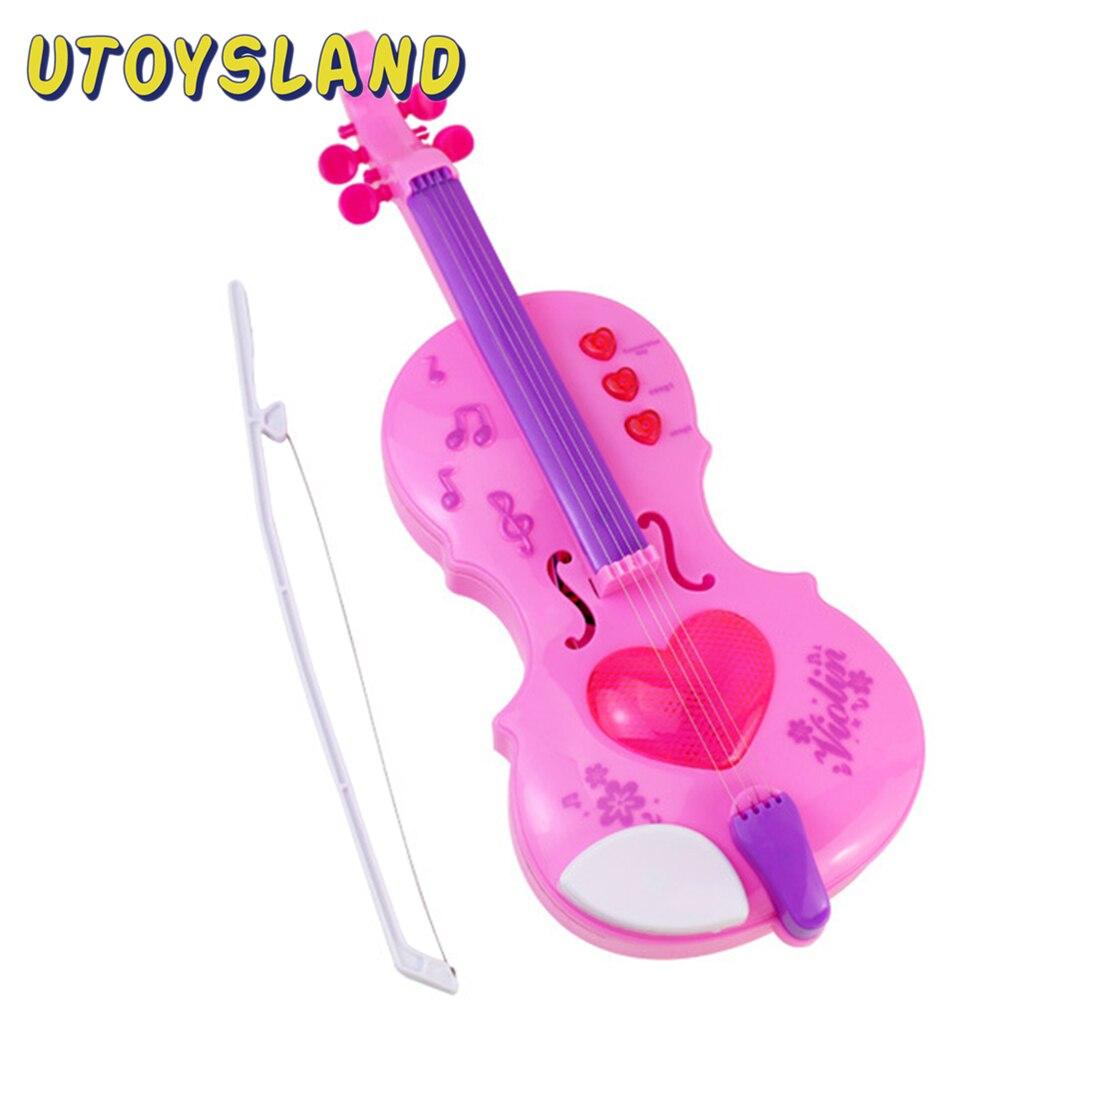 Детские игрушечные скрипки, Обучающие музыкальные инструменты, рождественские подарки для девочек, 2019